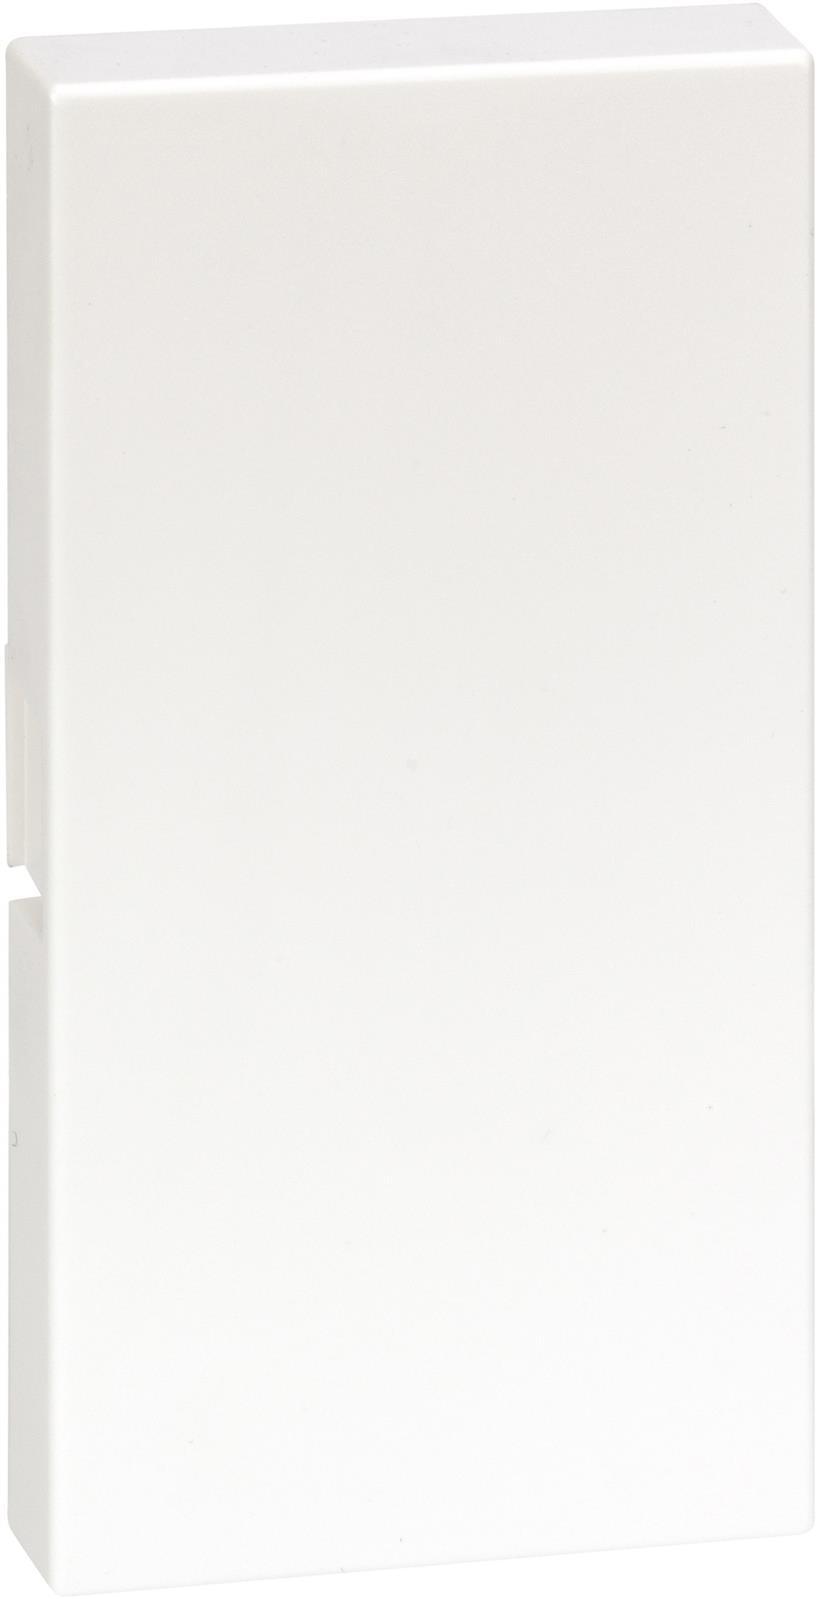 BLINDLOCK 1/2-FACK VIT S500